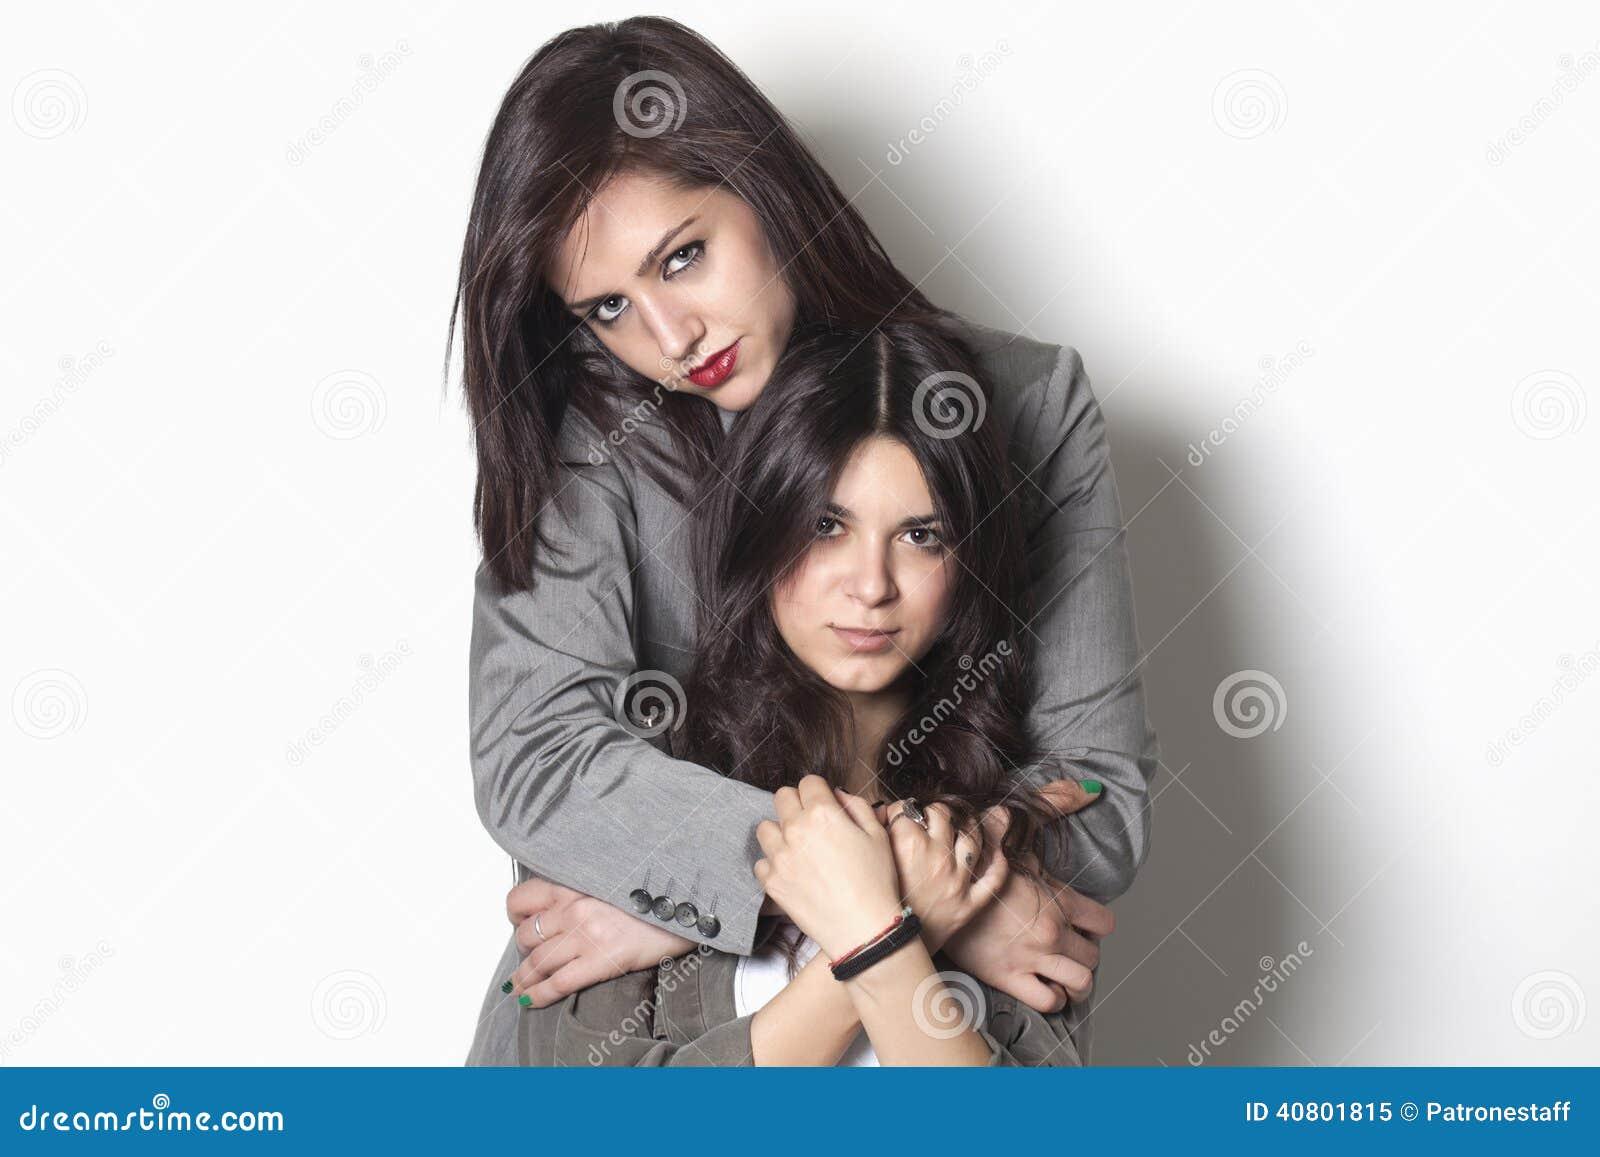 soeur lesbiennes sexe